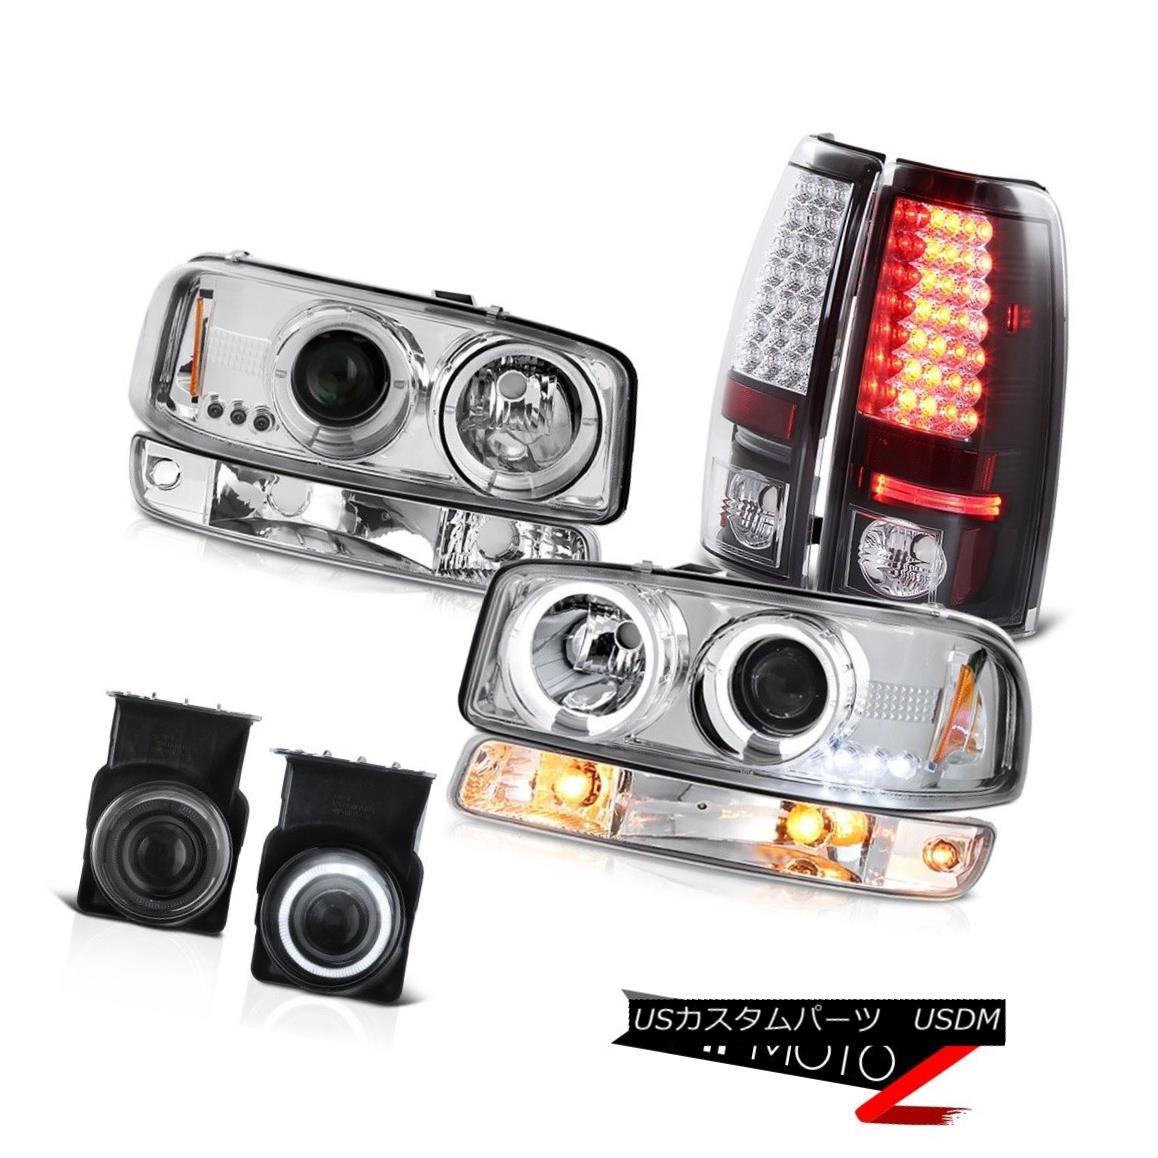 テールライト 2003-2006 Sierra C3 Fog lamps smd taillamps crystal clear turn signal headlamps 2003-2006シエラC3フォグランプsmdテールランプクリスタルクリアターンシグナルヘッドライト